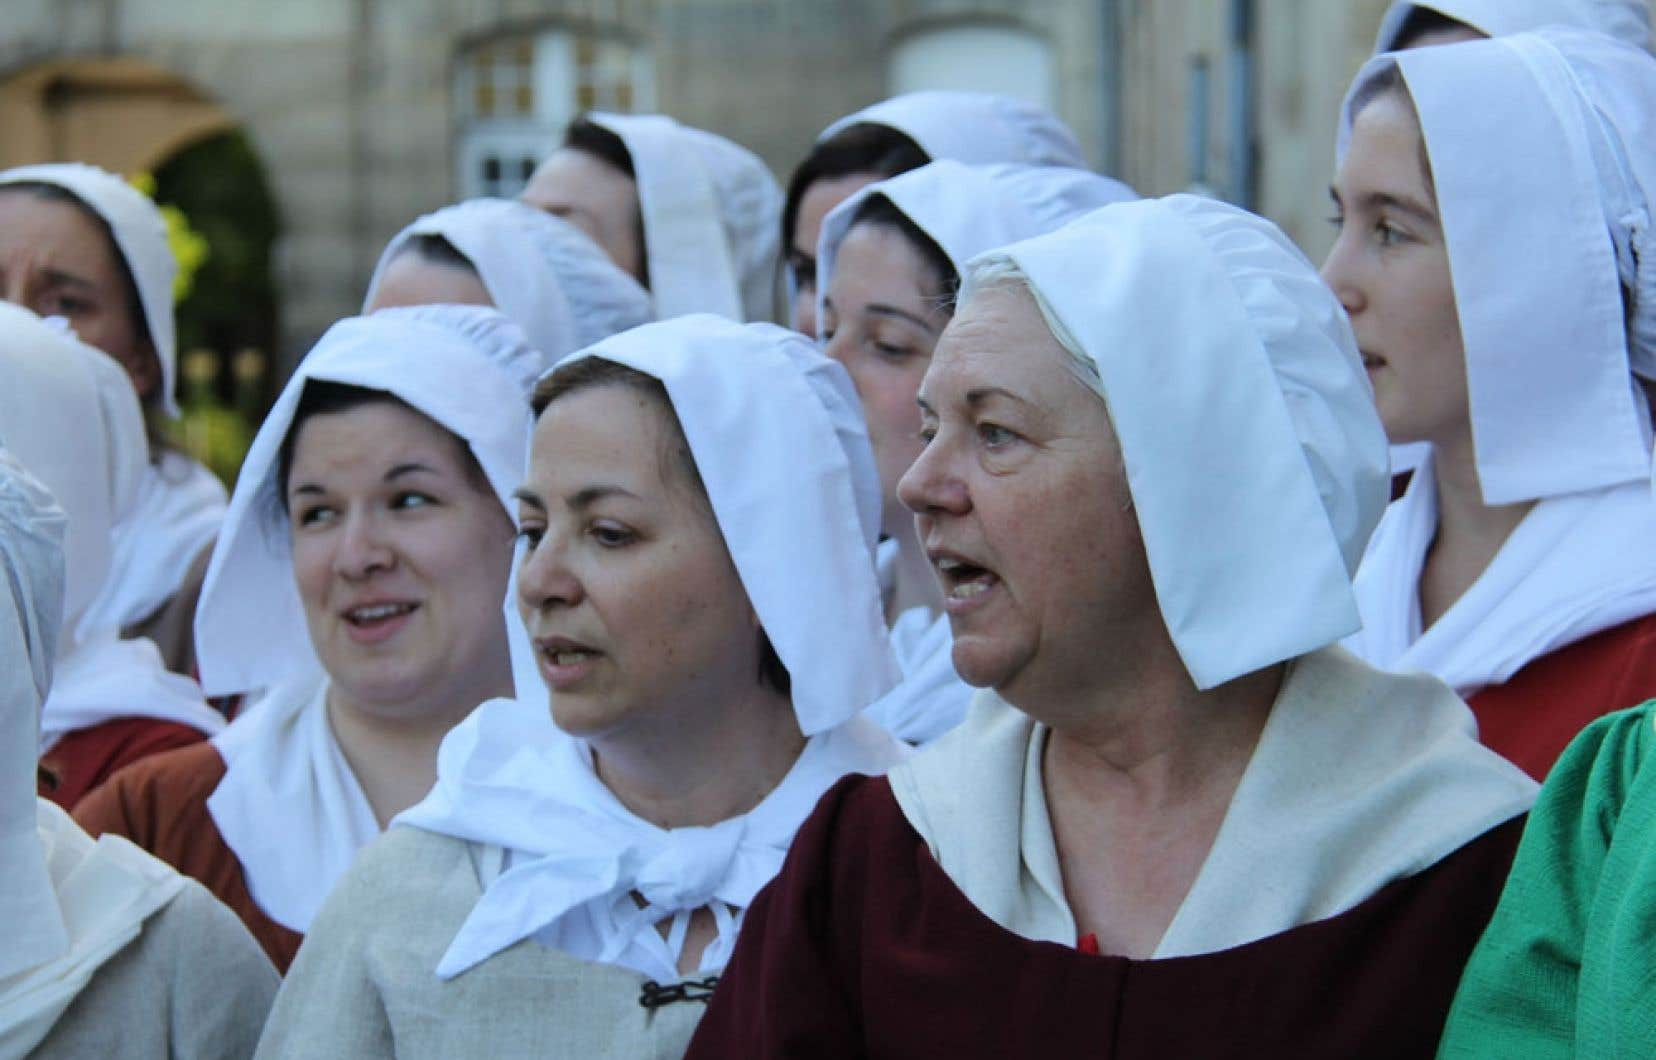 Trente-six Québécoises ont entamé à Paris un périple qui les mènera sur les traces des filles du Roy.